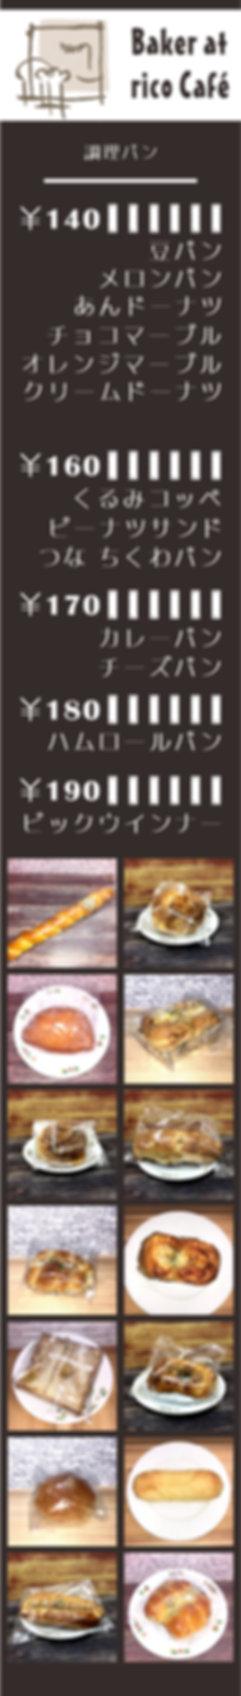 4  cafe - メニュー .jpg